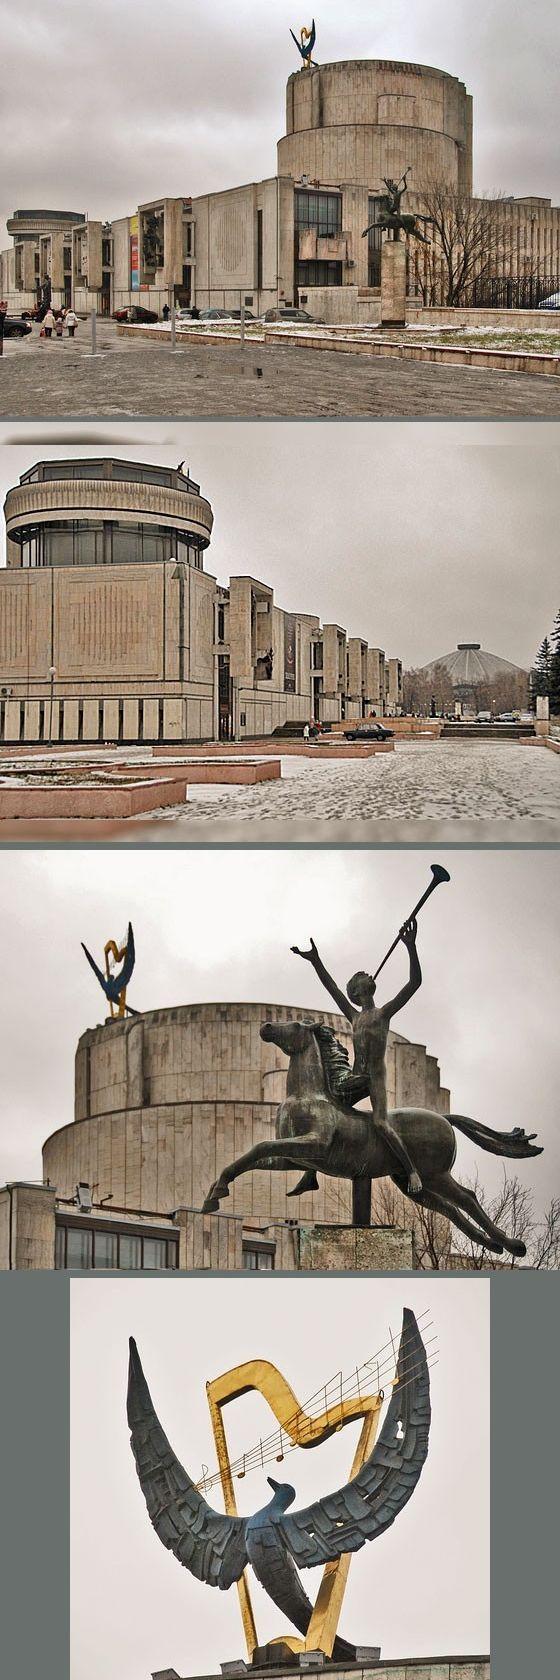 Архитектурная композиция театра основана на контрасте его распластанной прямоугольной нижней час